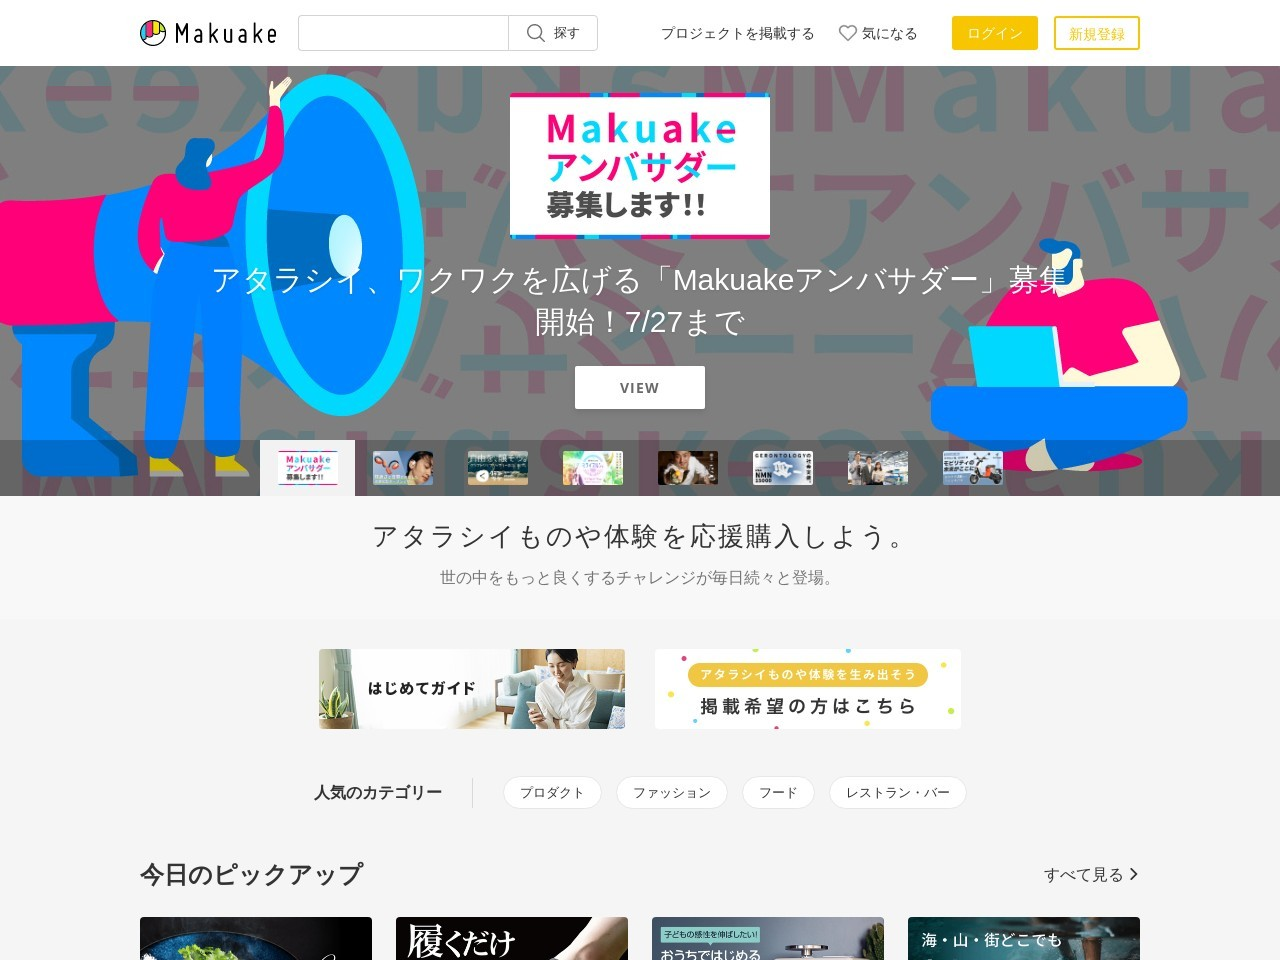 クラウドファンディング – Makuake(マクアケ)- LightStrip